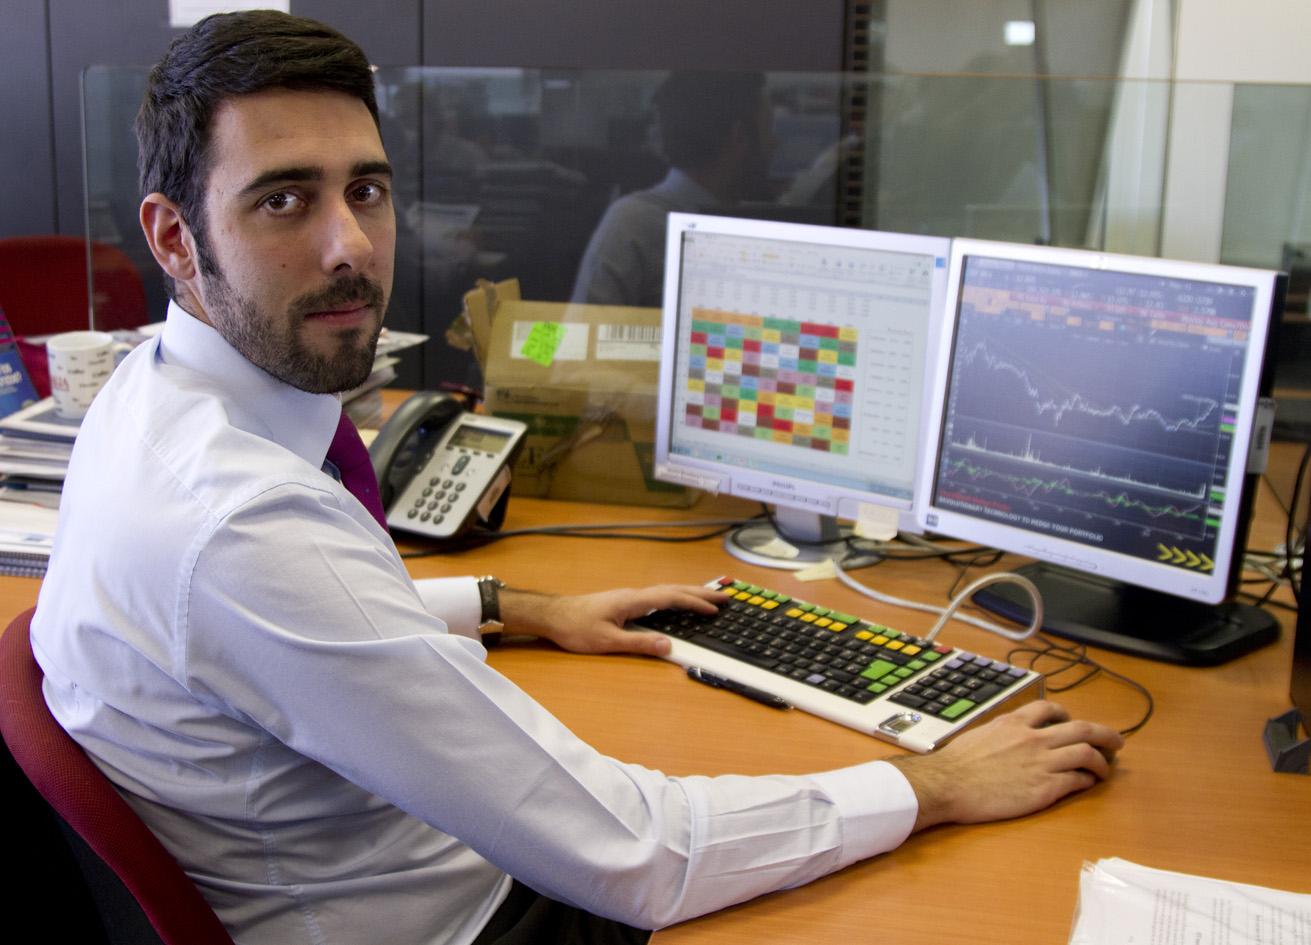 David Sánchez apuesta por los fondos que aplican estrategias long/short para diversificar carteras